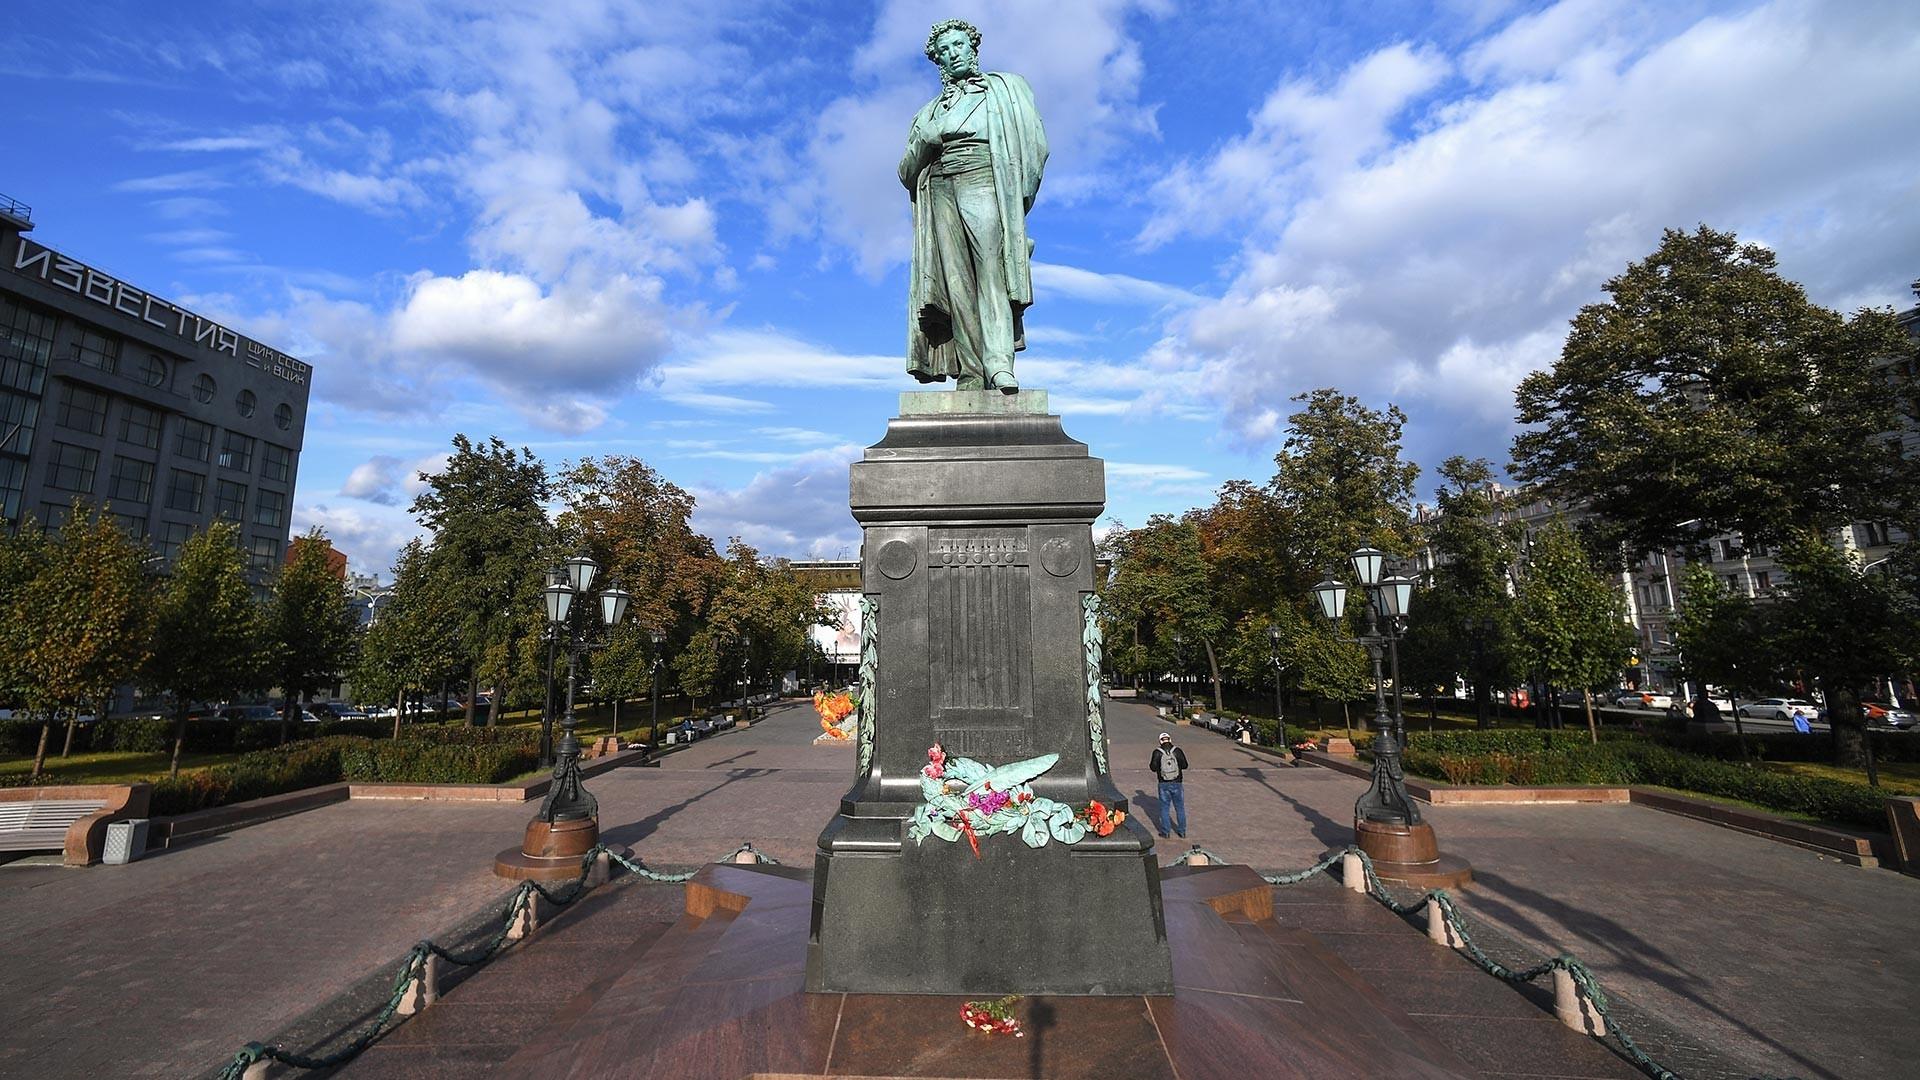 Puškinov spomenik v središču Moskve v današnjem času.